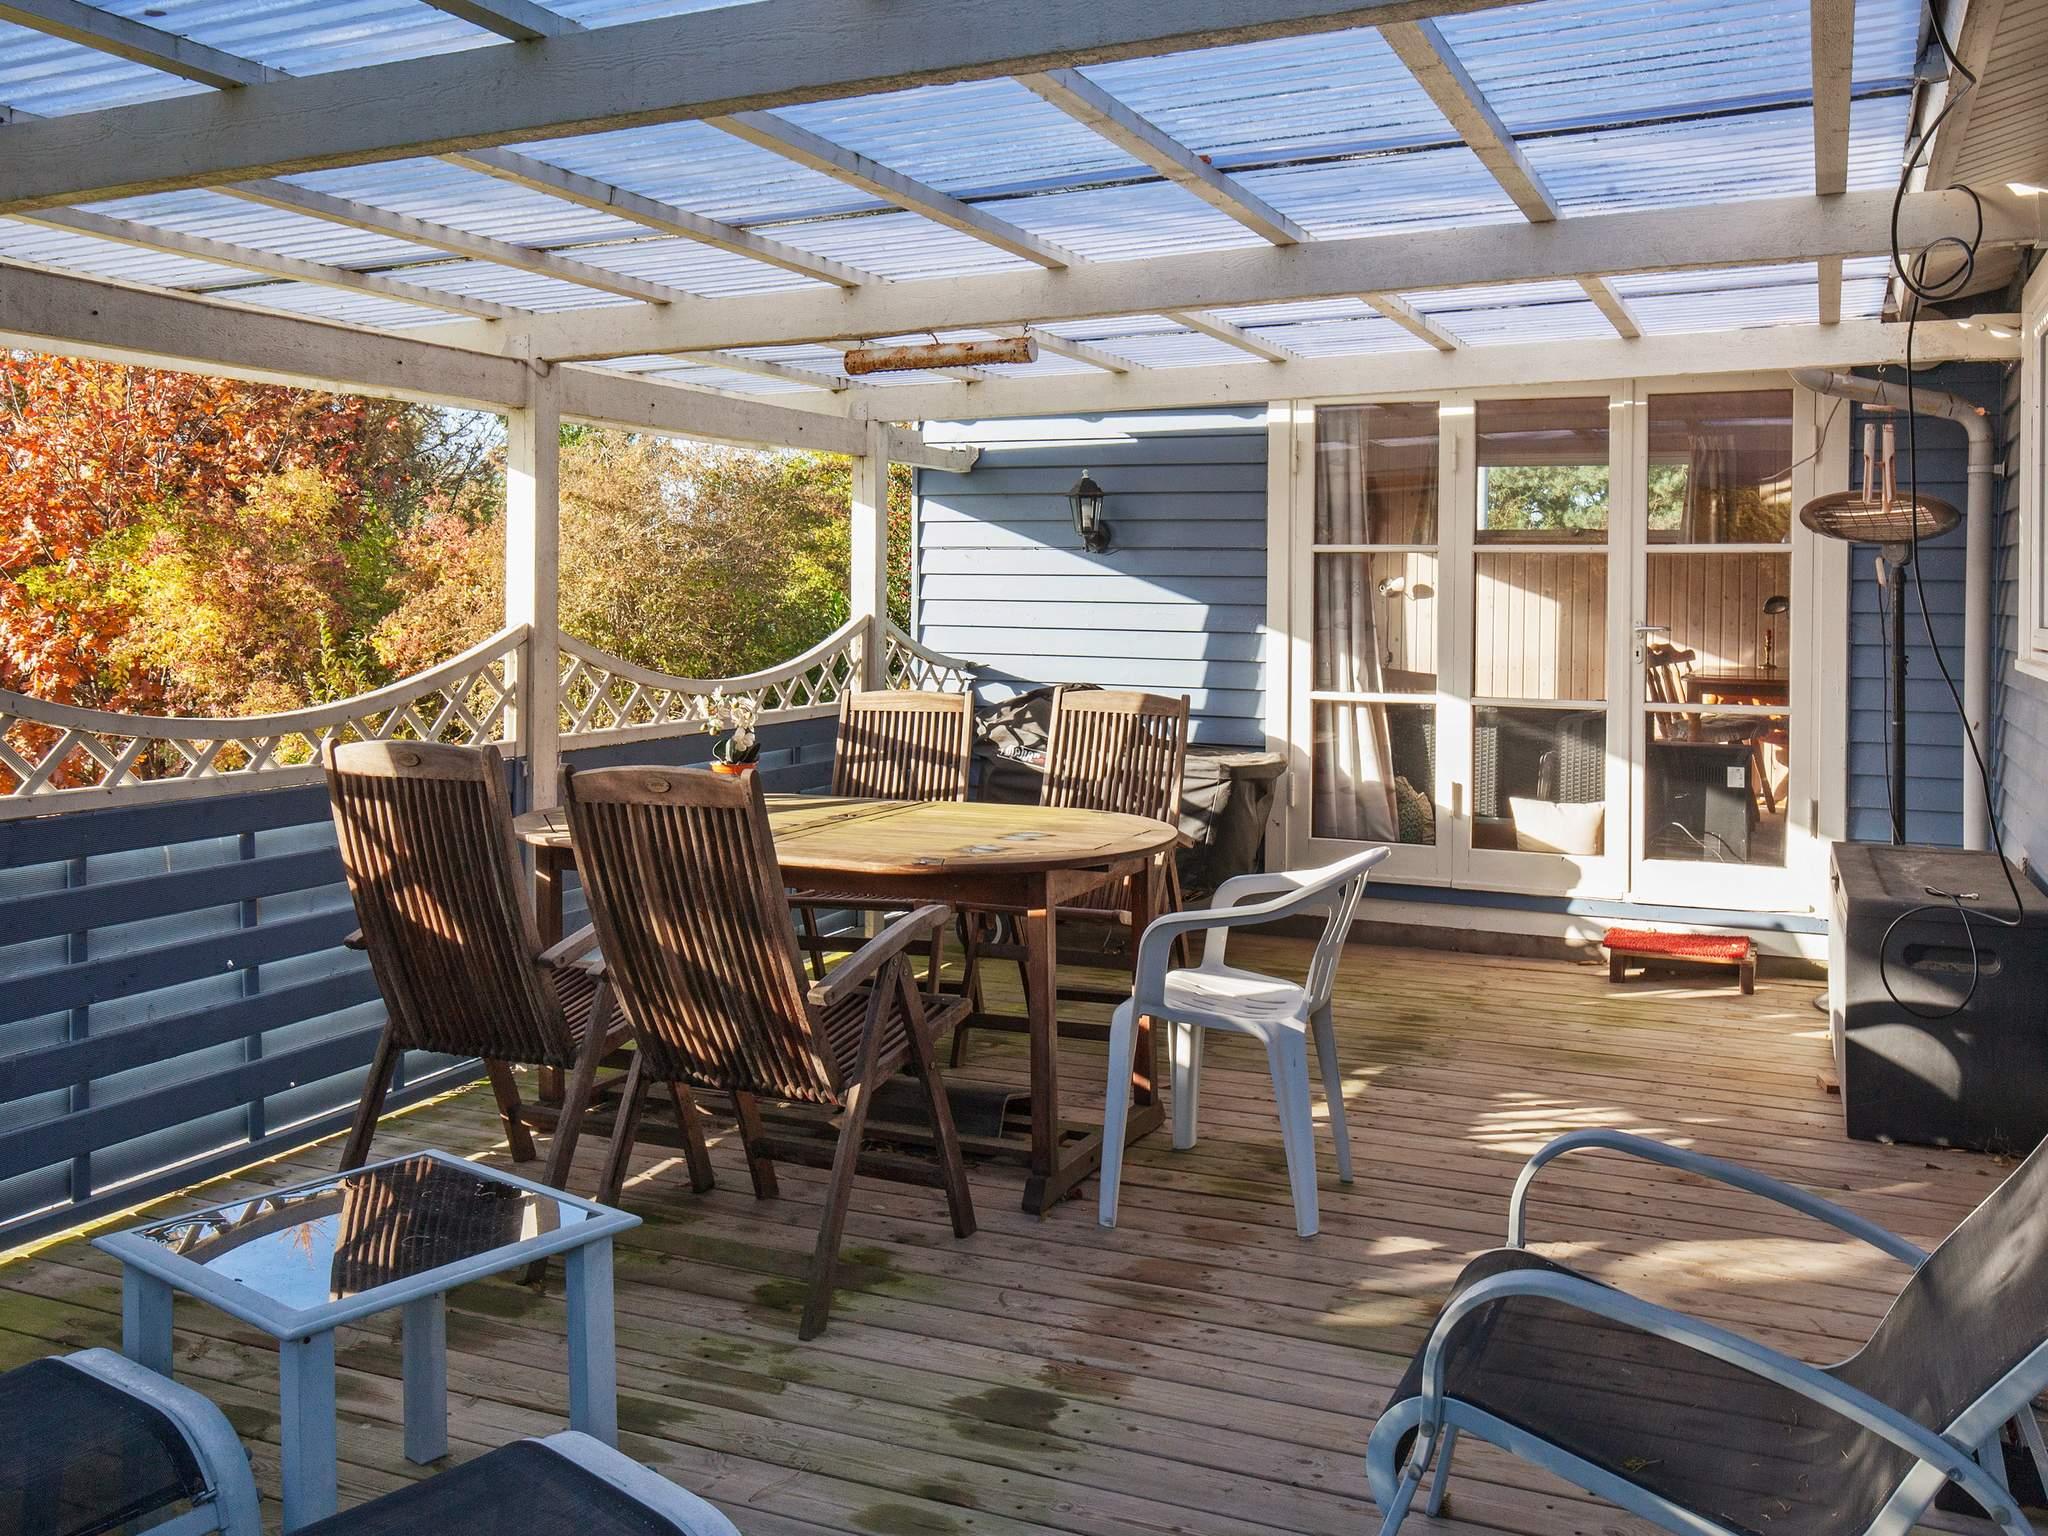 Ferienhaus Udsholt Strand (2355111), Udsholt, , Nordseeland, Dänemark, Bild 14